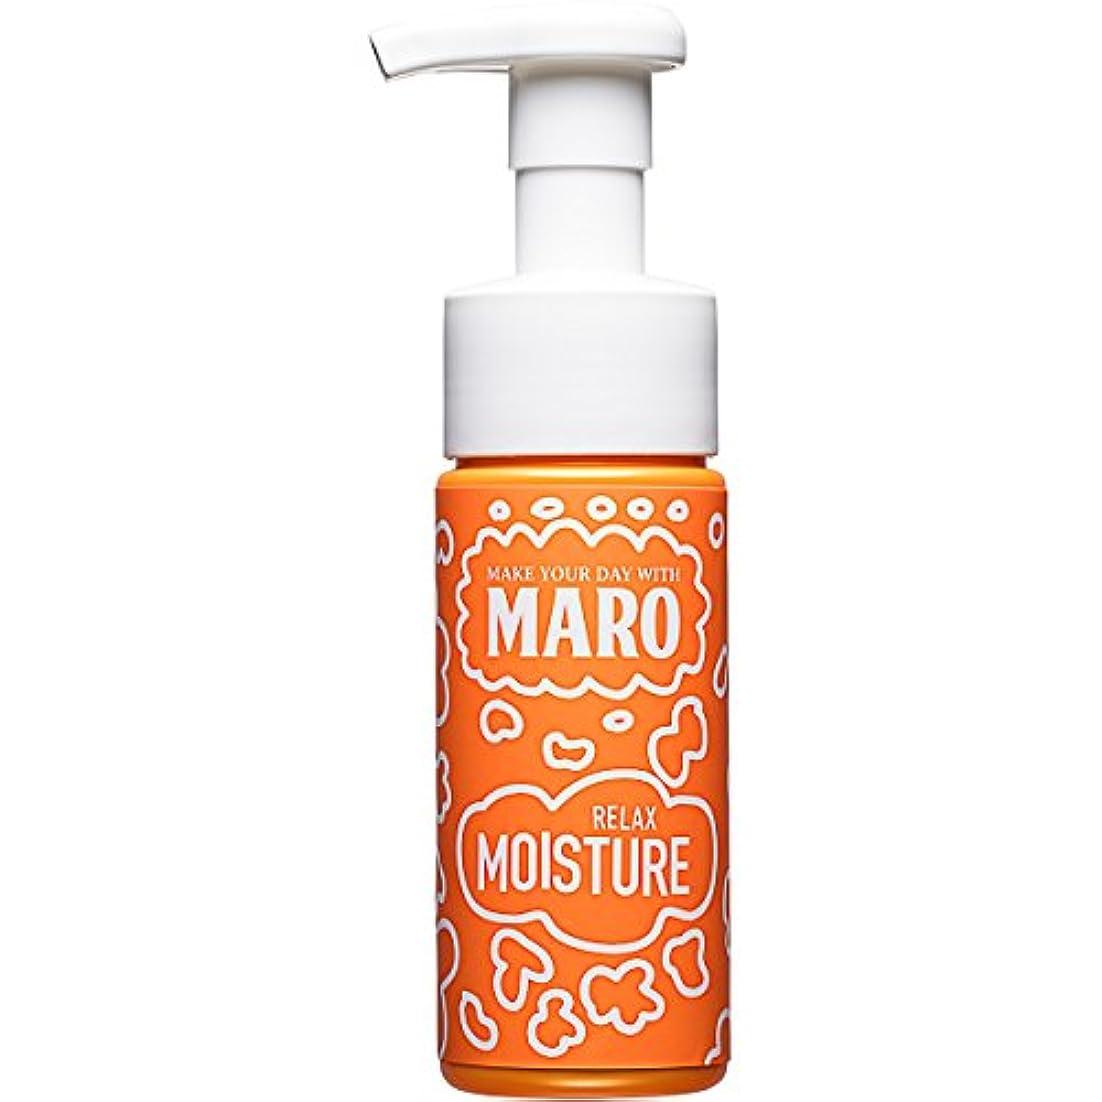 アルカトラズ島喜劇逆さまにMARO グルーヴィー 泡洗顔 リラックスモイスチャー 150ml